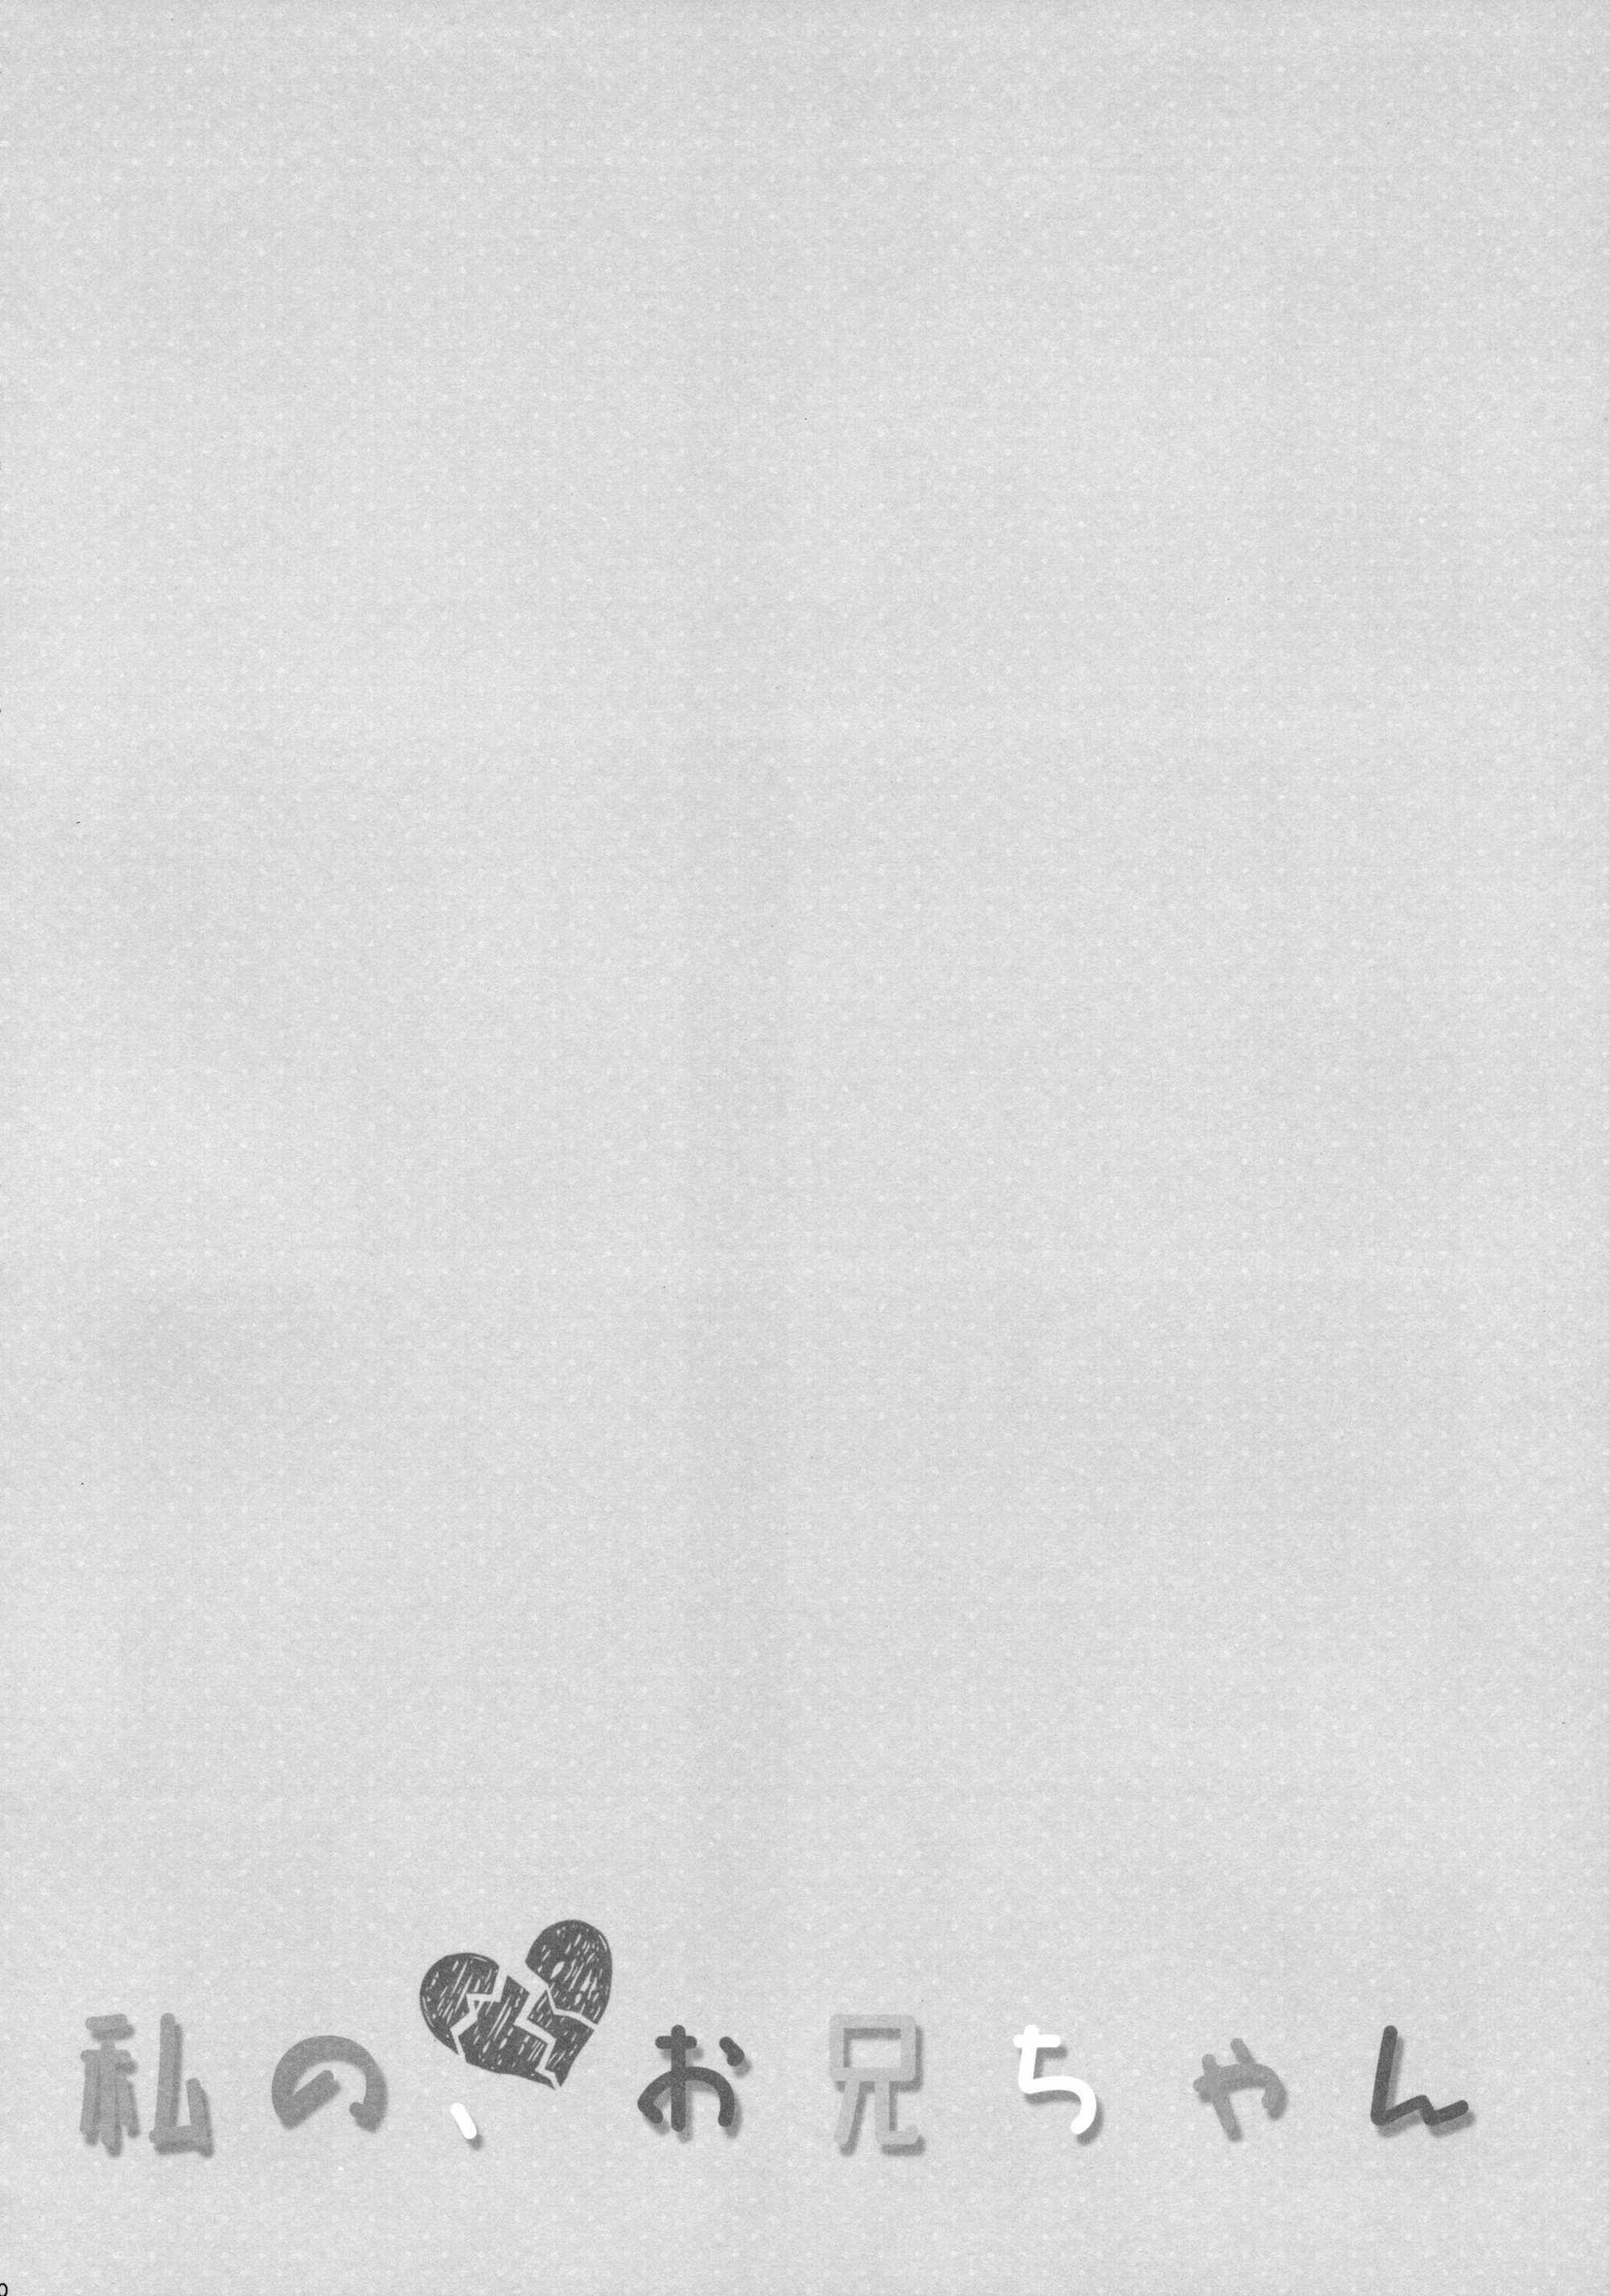 【エロ漫画・エロ同人誌】彼女が横で寝てるのにヤンデレ妹がお兄ちゃんのちんこフェラチオしてるwww (29)